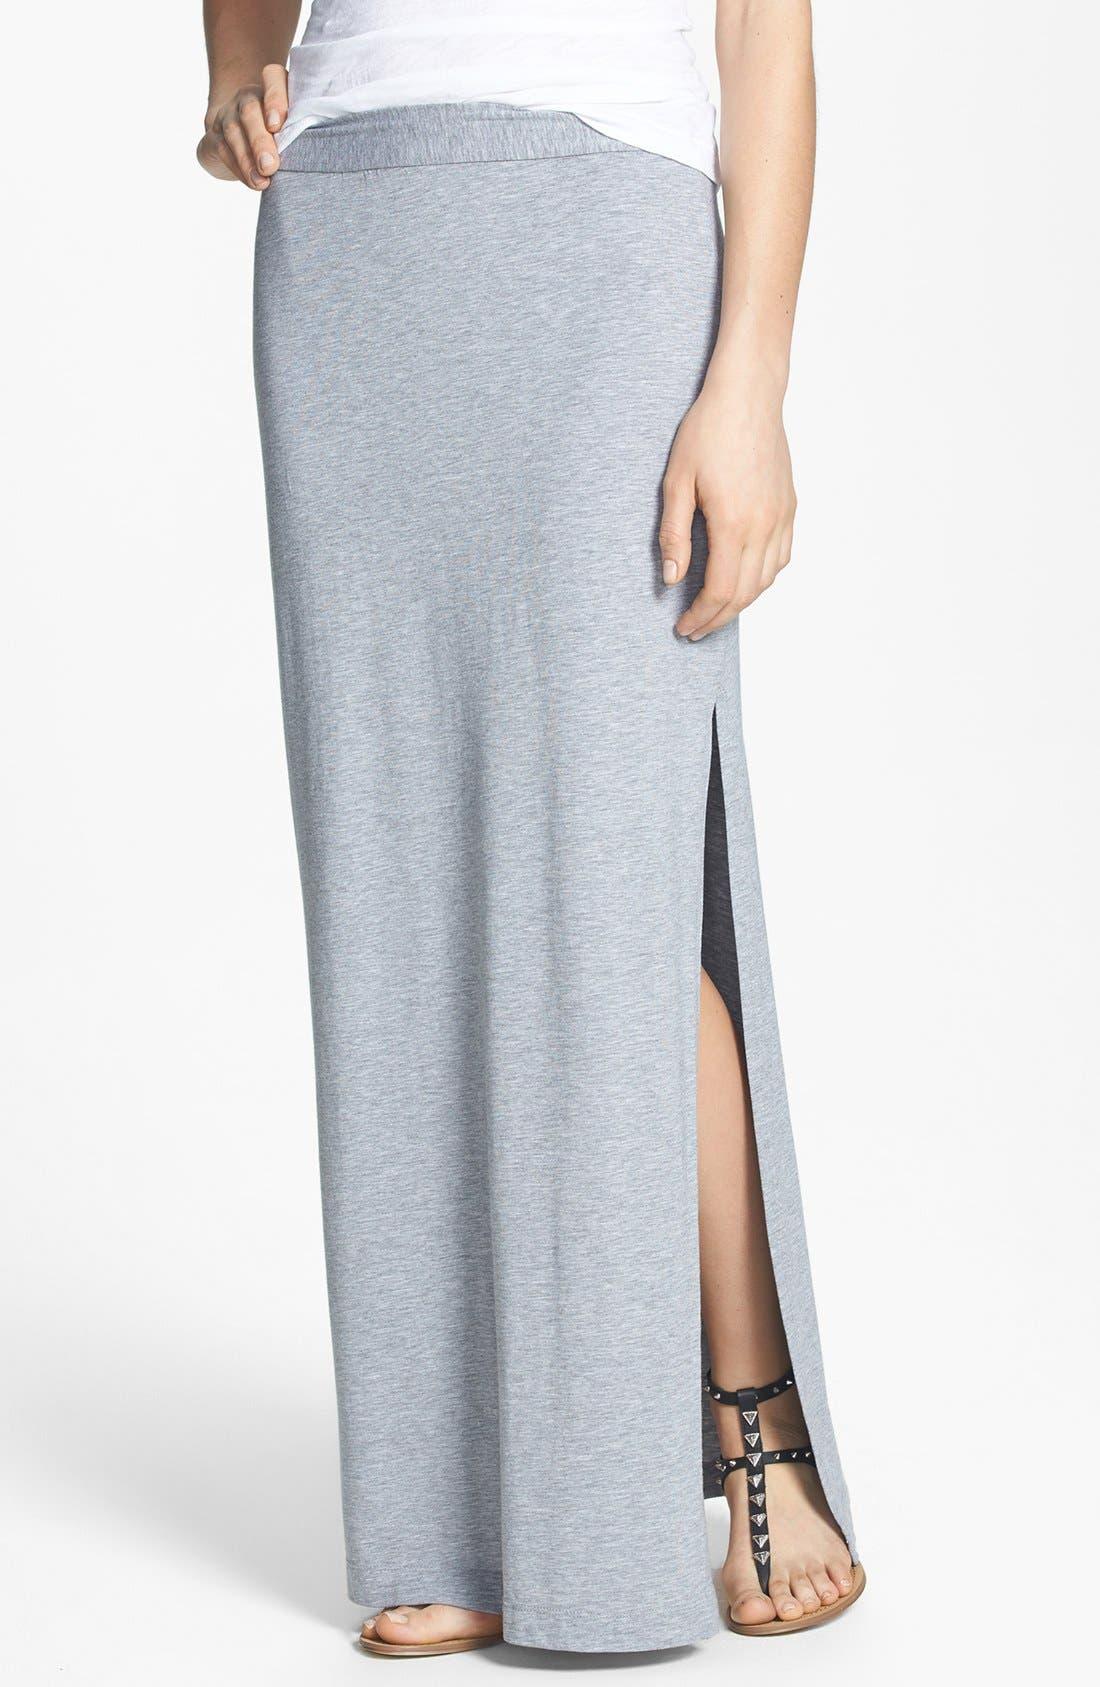 Alternate Image 1 Selected - Splendid Side Slit Maxi Skirt